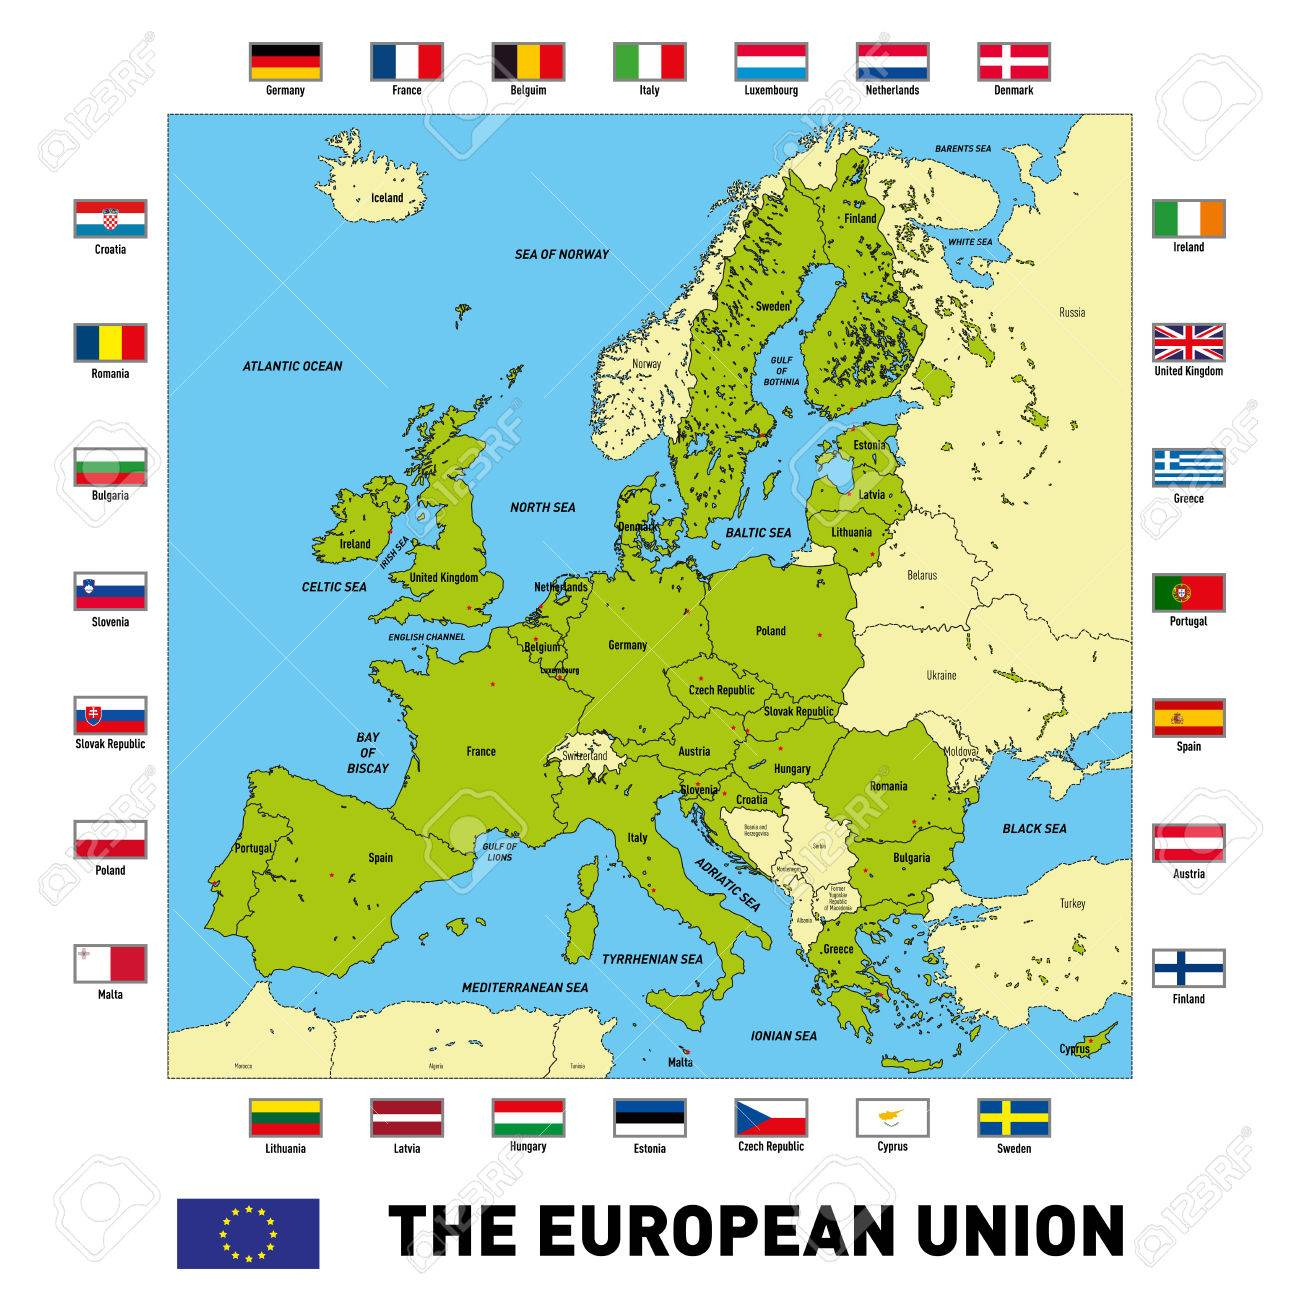 Vector Très Détaillée Carte Politique De L'union Européenne Avec Des  Drapeaux Et Capitales. Tous Les Éléments Sont Séparés Dans Des Couches à Capitale Union Européenne